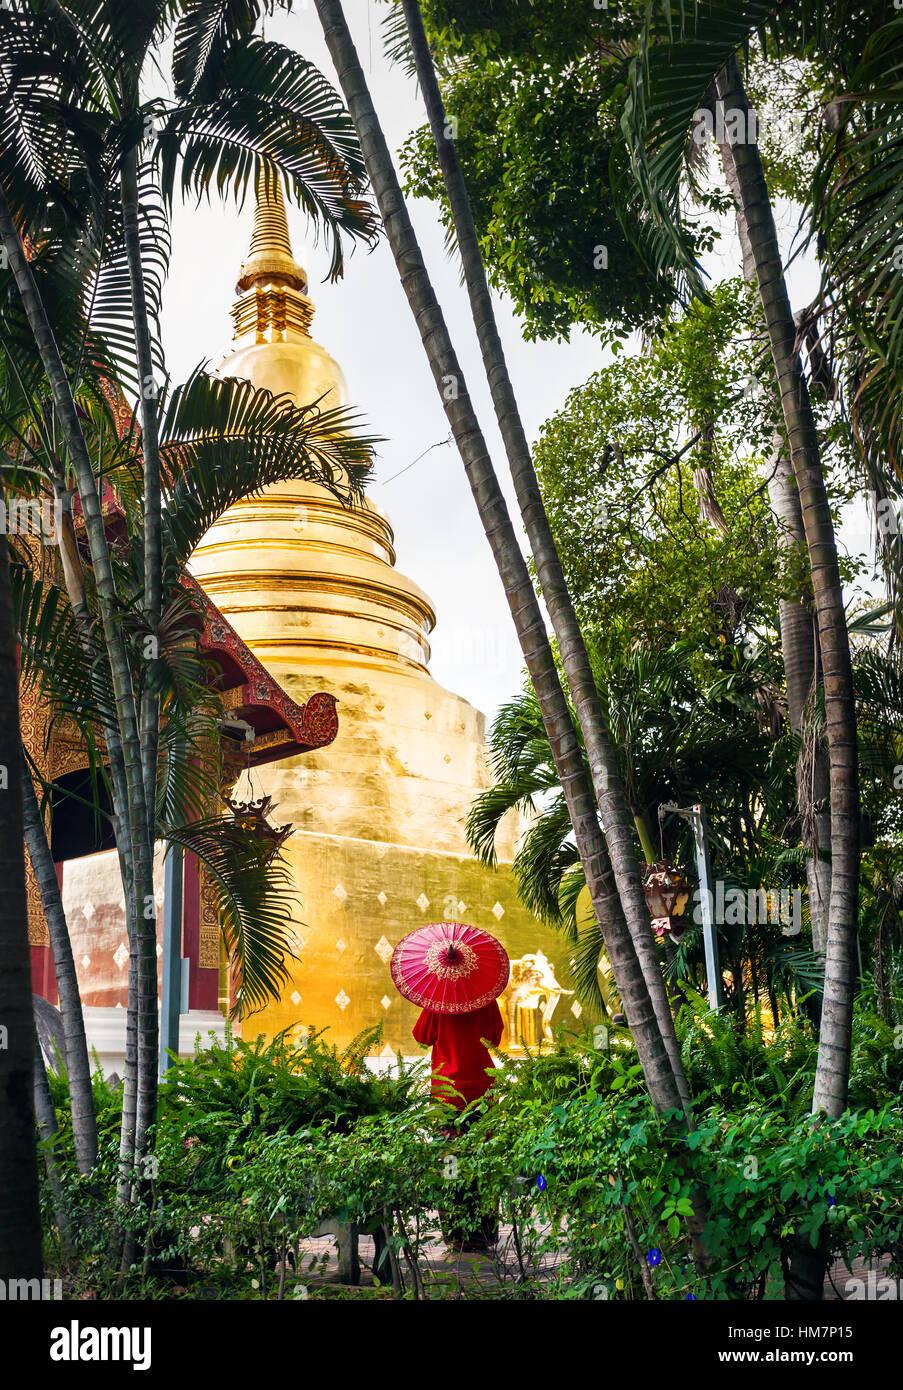 Tourisme Femme avec parapluie traditionnel Thaï rouge près de stupa doré au temple Wat Phra Singh Photo Stock